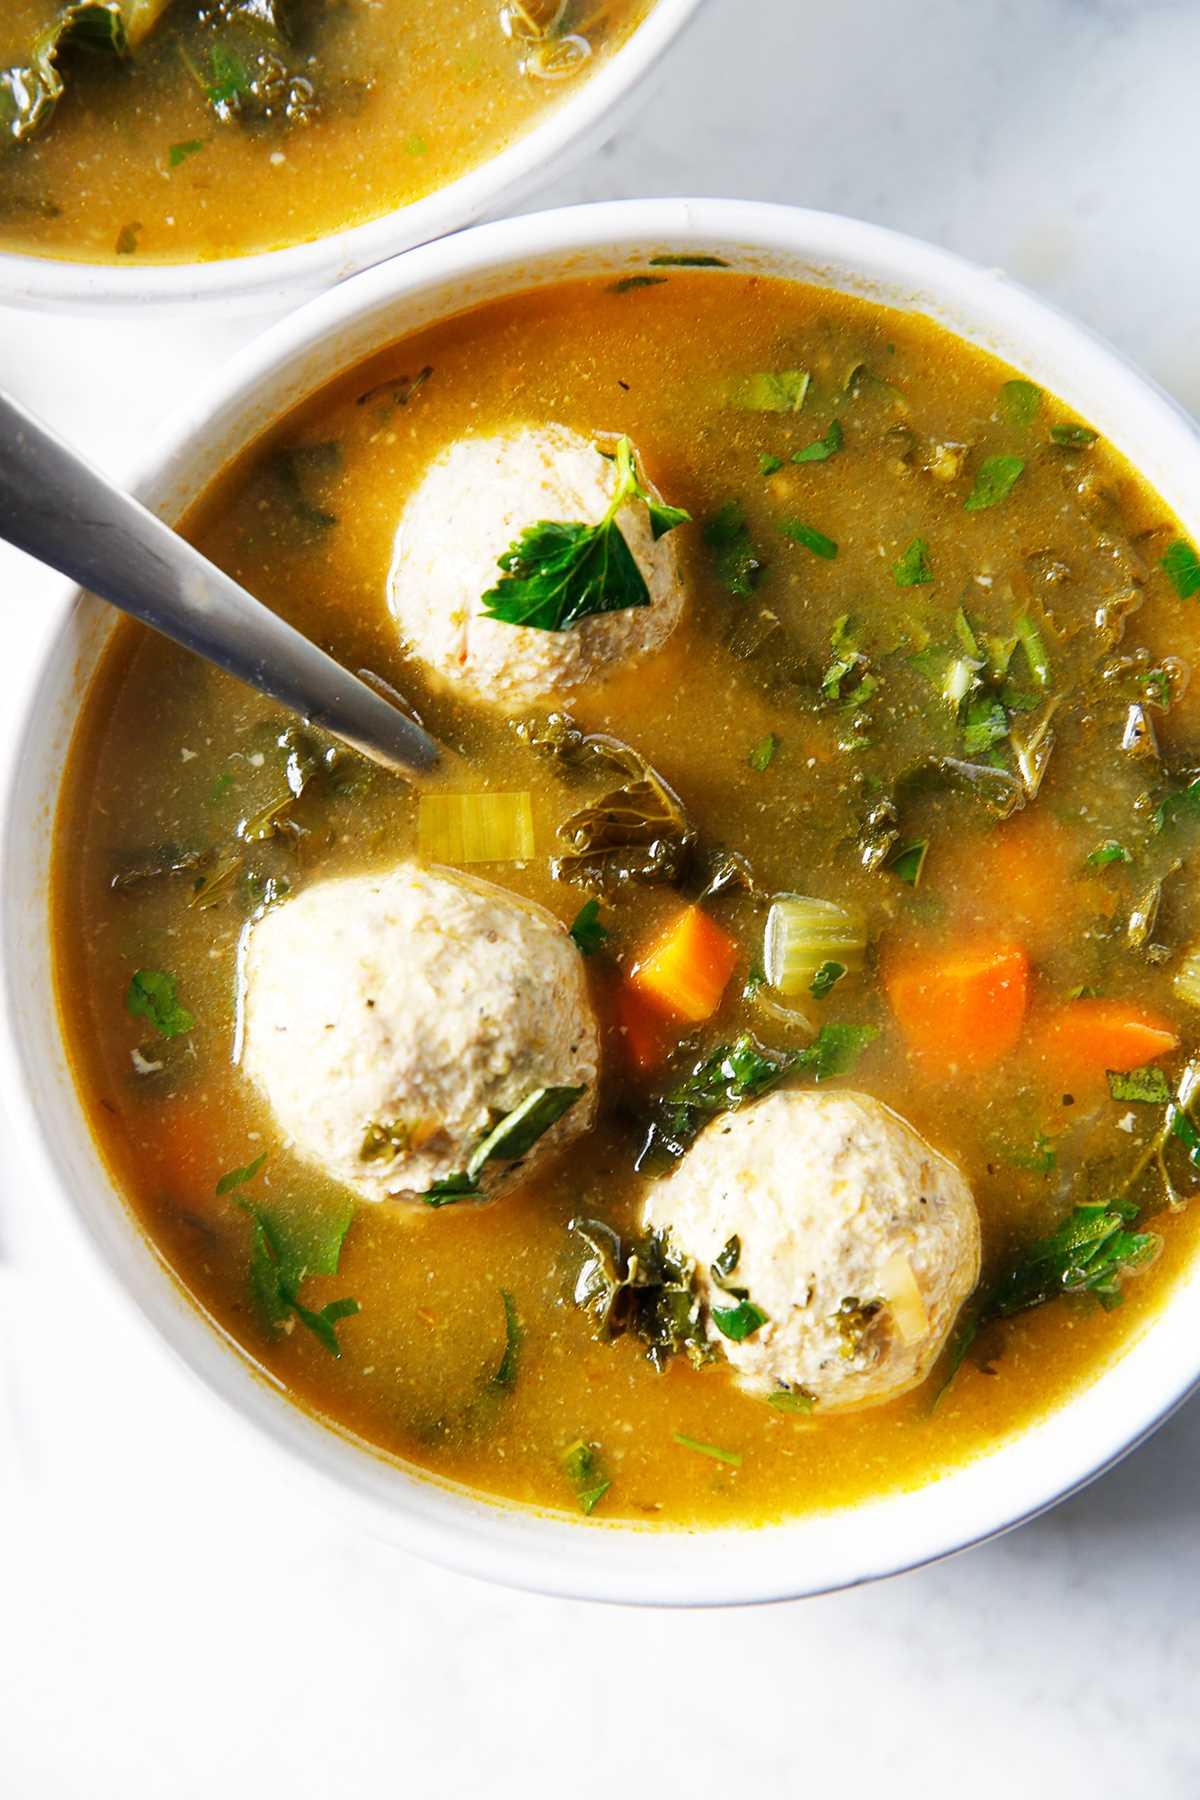 Un plato de sopa de boda italiana con albóndigas de pavo molidas.